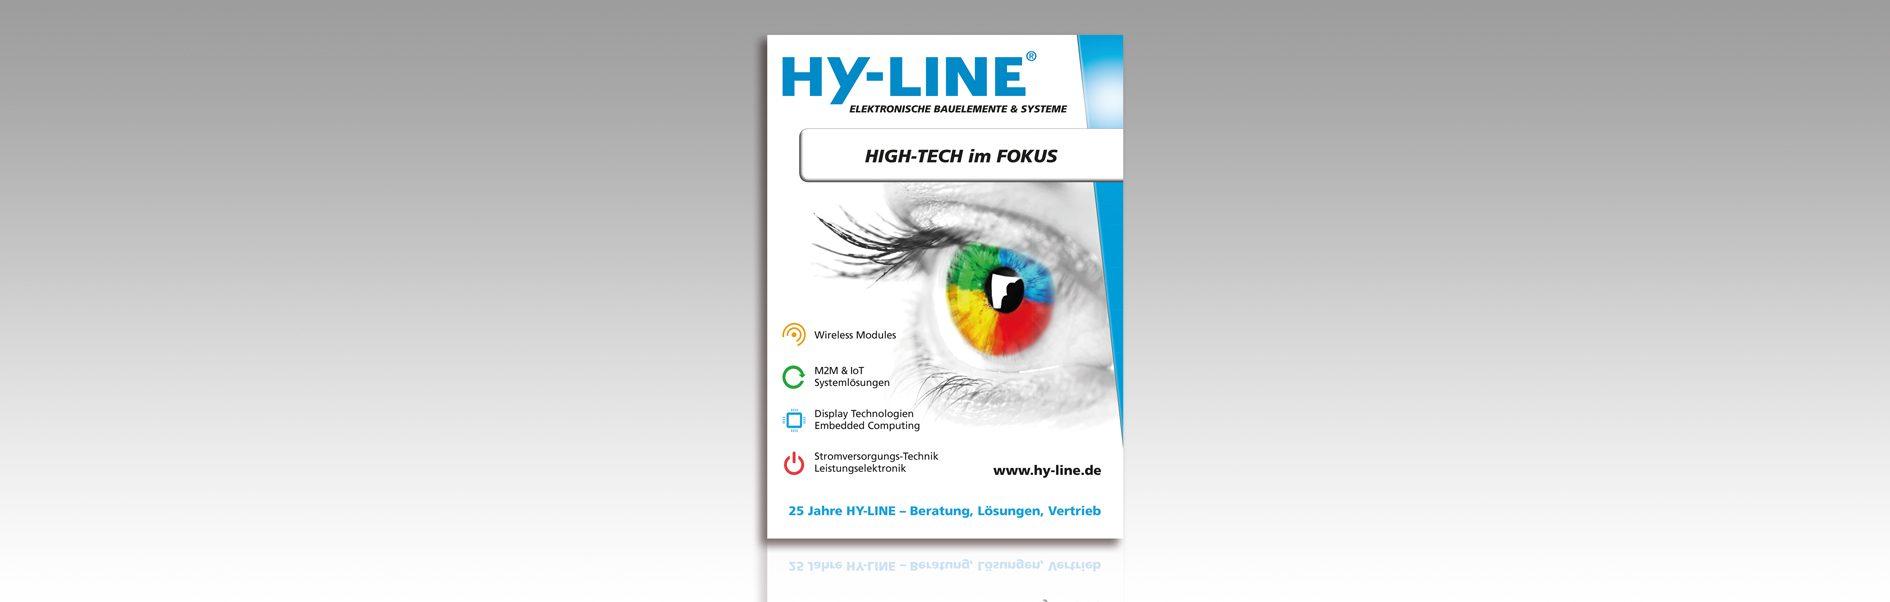 Hier ist die Group-Anzeige von HY-LINE abgebildet.